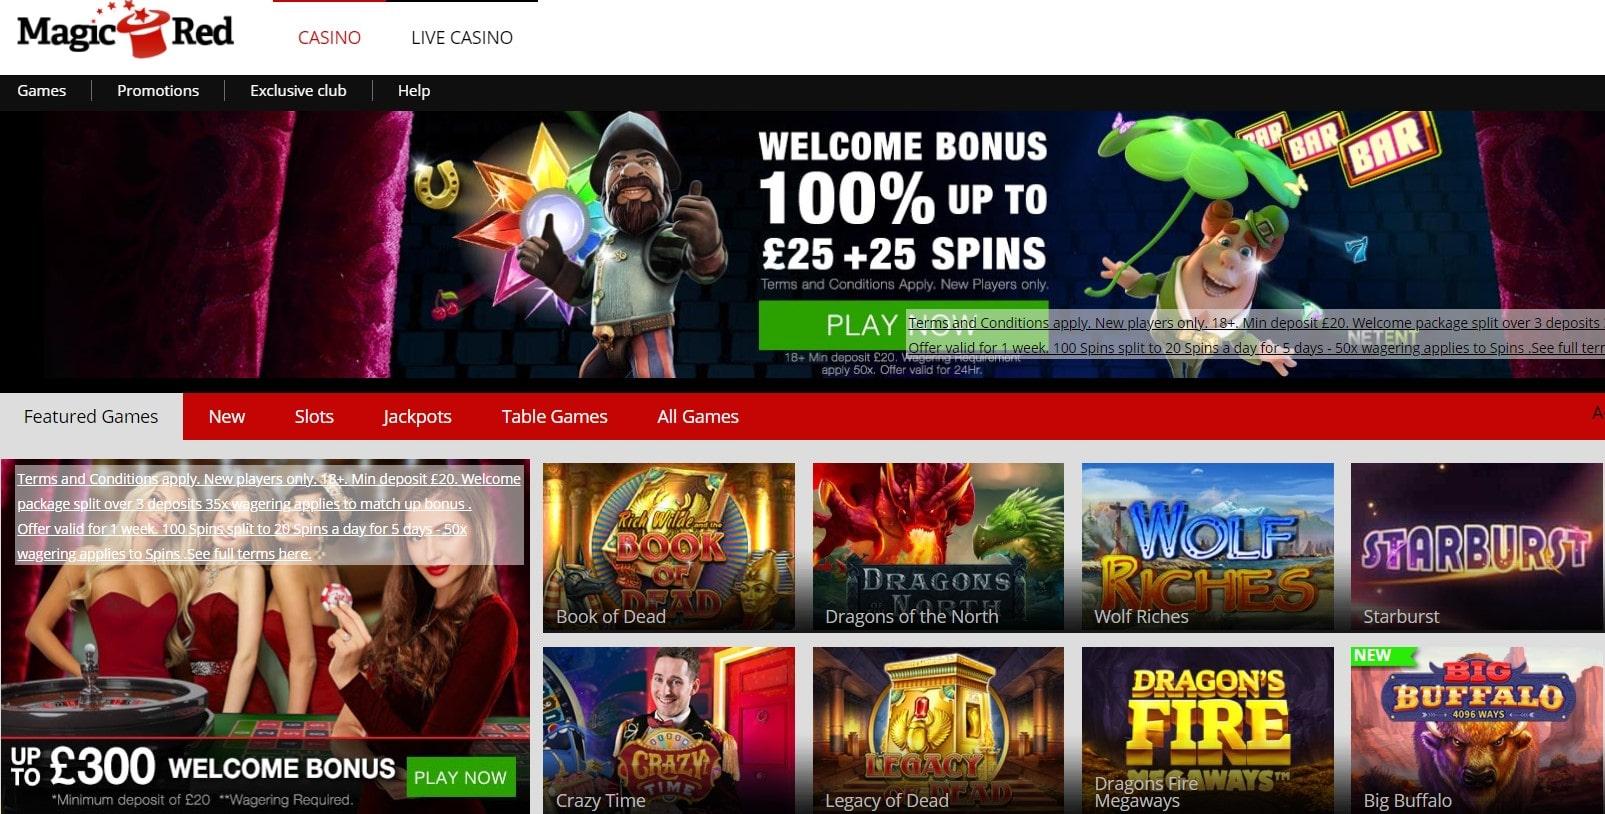 magic red casino sign up bonus codes & promotions